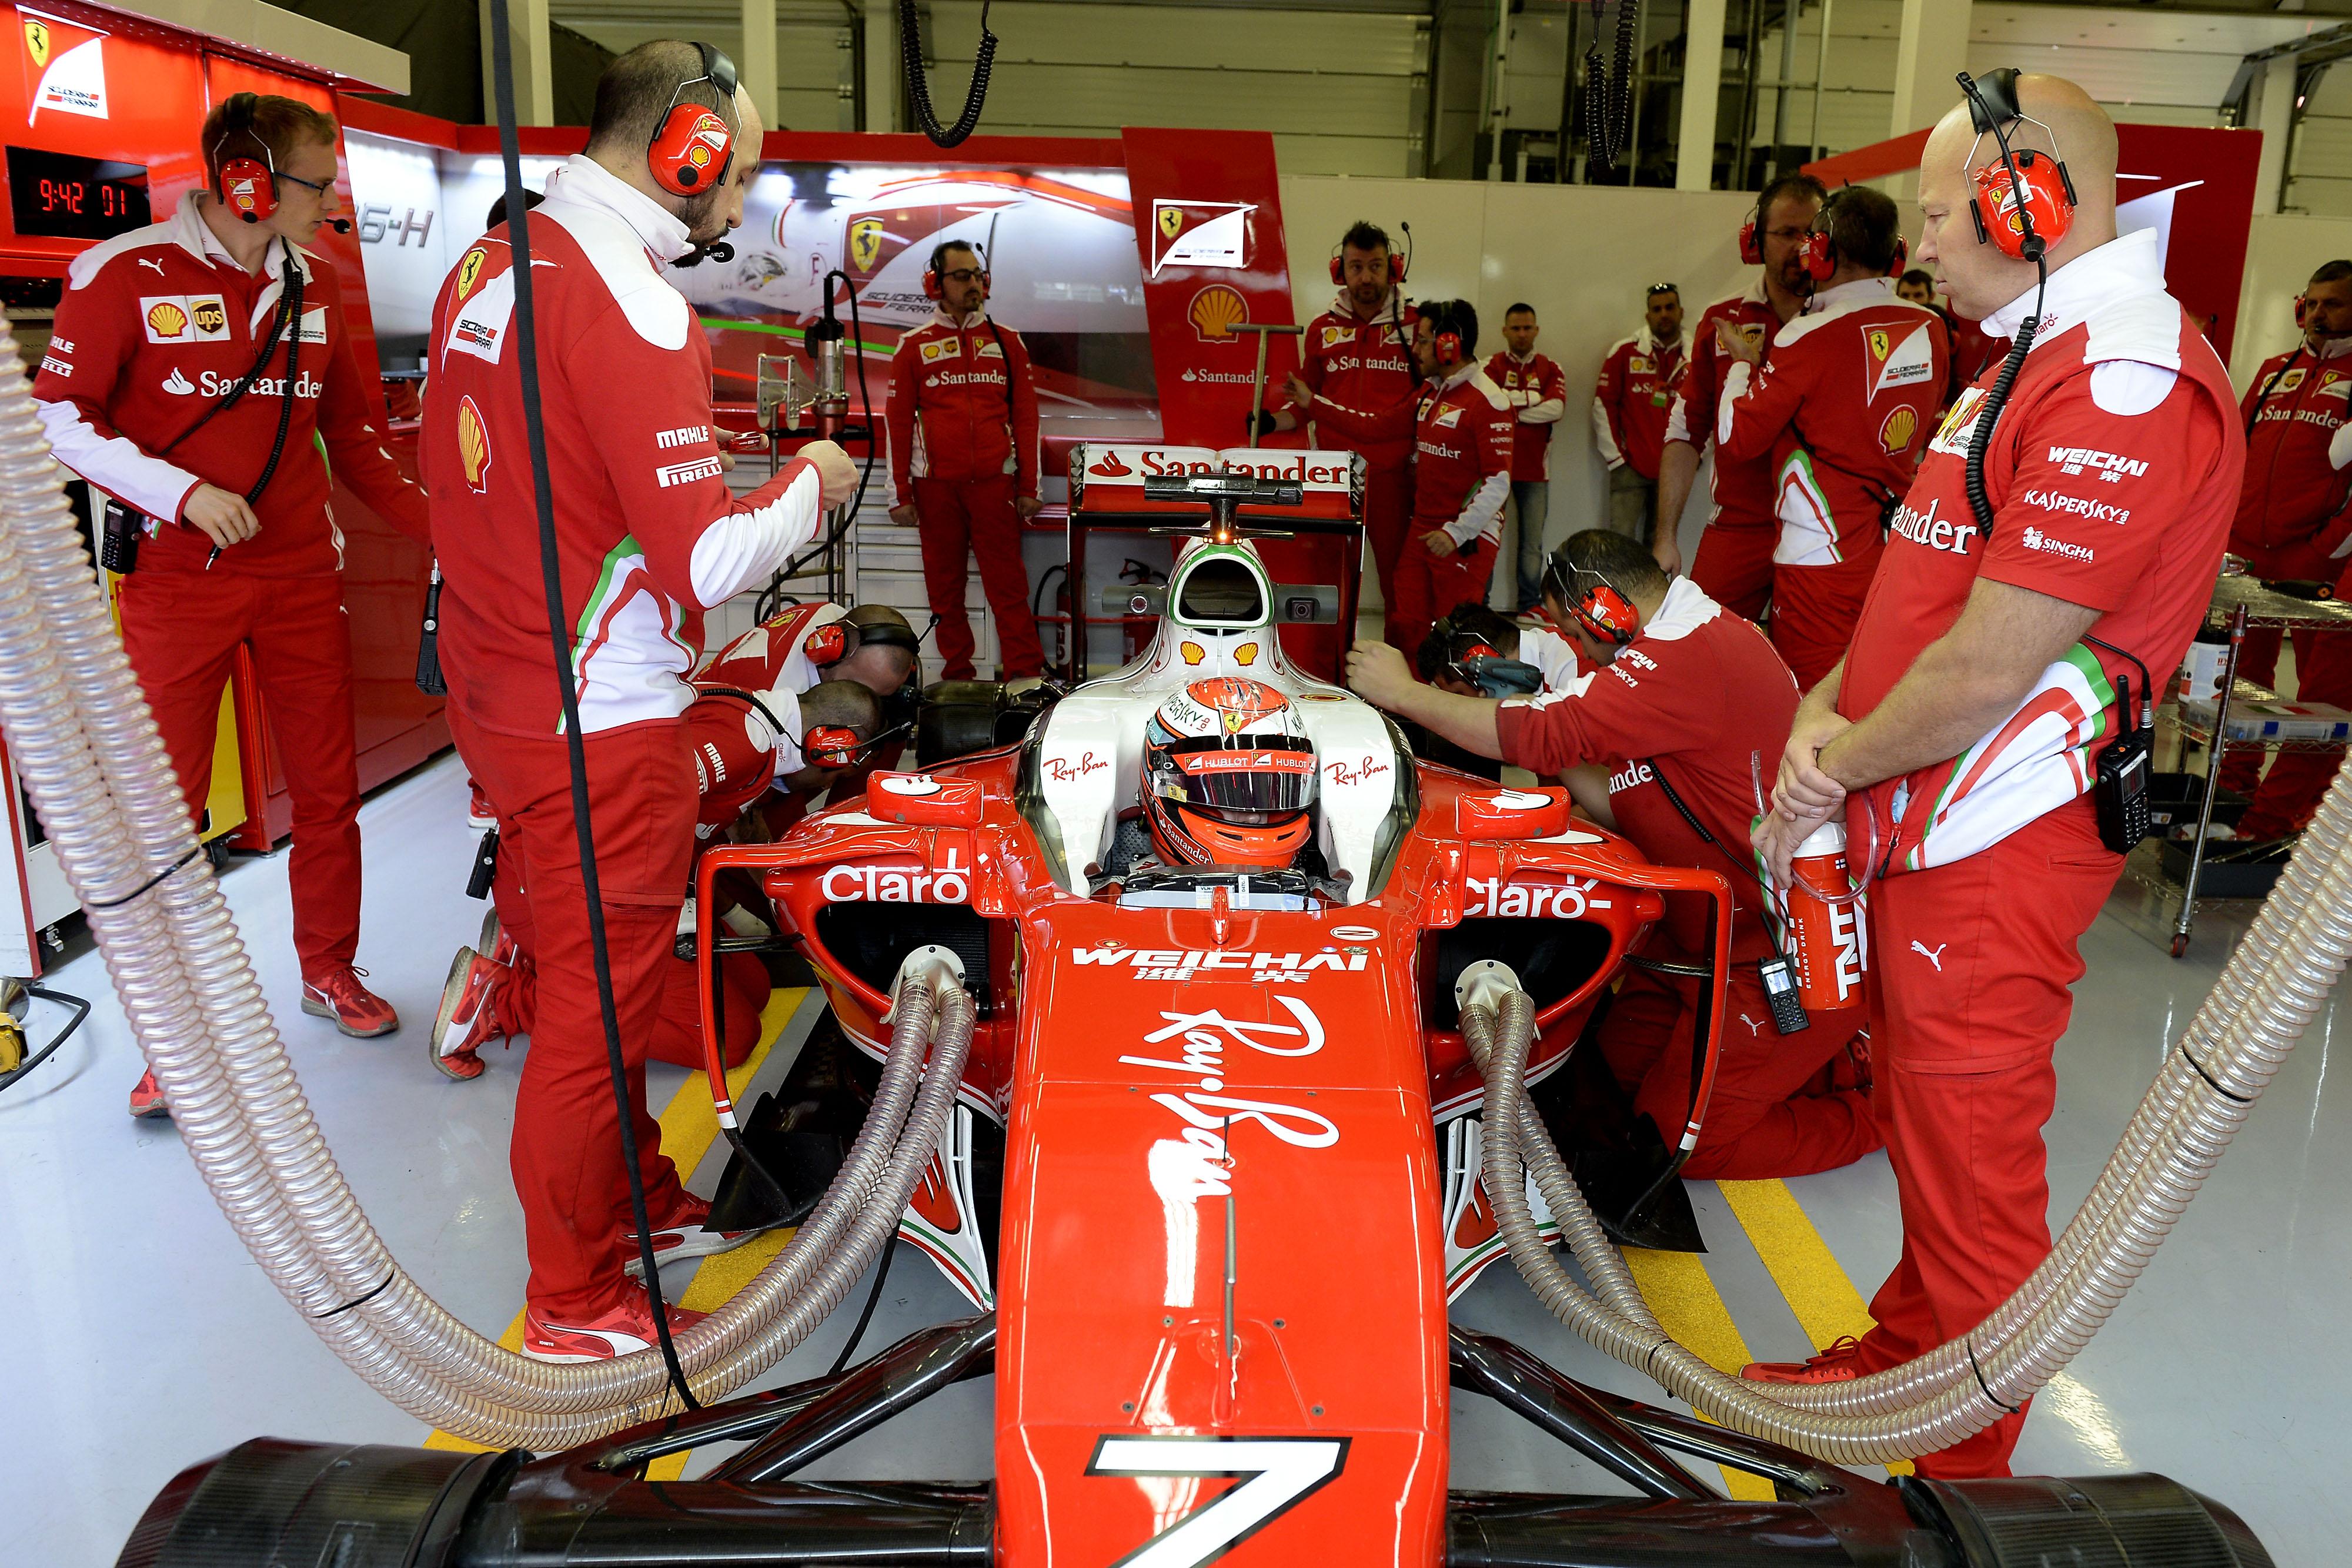 7e9bae32d63ff TEST GRAN BRETAGNA F1 2016 - SILVERSTONE (GRAN BRETAGNA) © FOTO STUDIO  COLOMBO